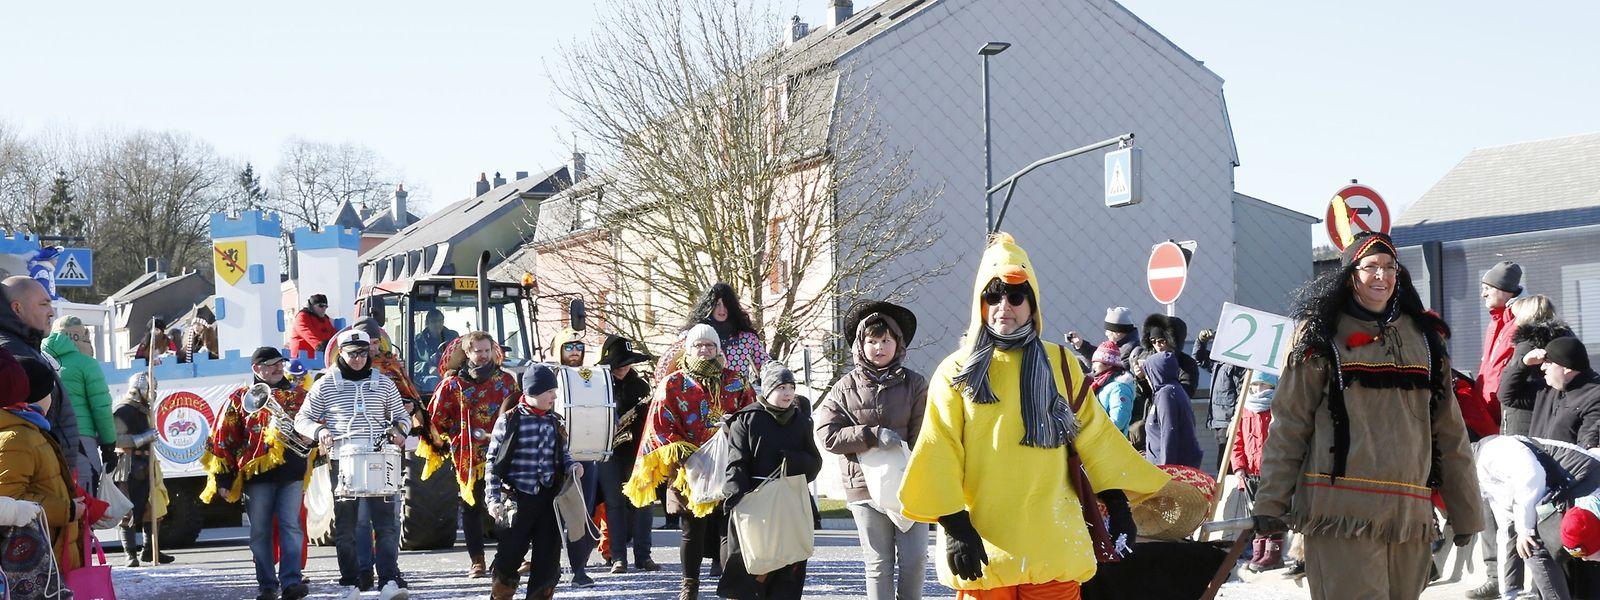 Am Sonntag findet die 25. Auflage der Kinderkavalkade in Kayl statt. Die Fußgruppe der Harmonie Ste Cécile Kayl war bisher jedes Jahr dabei.